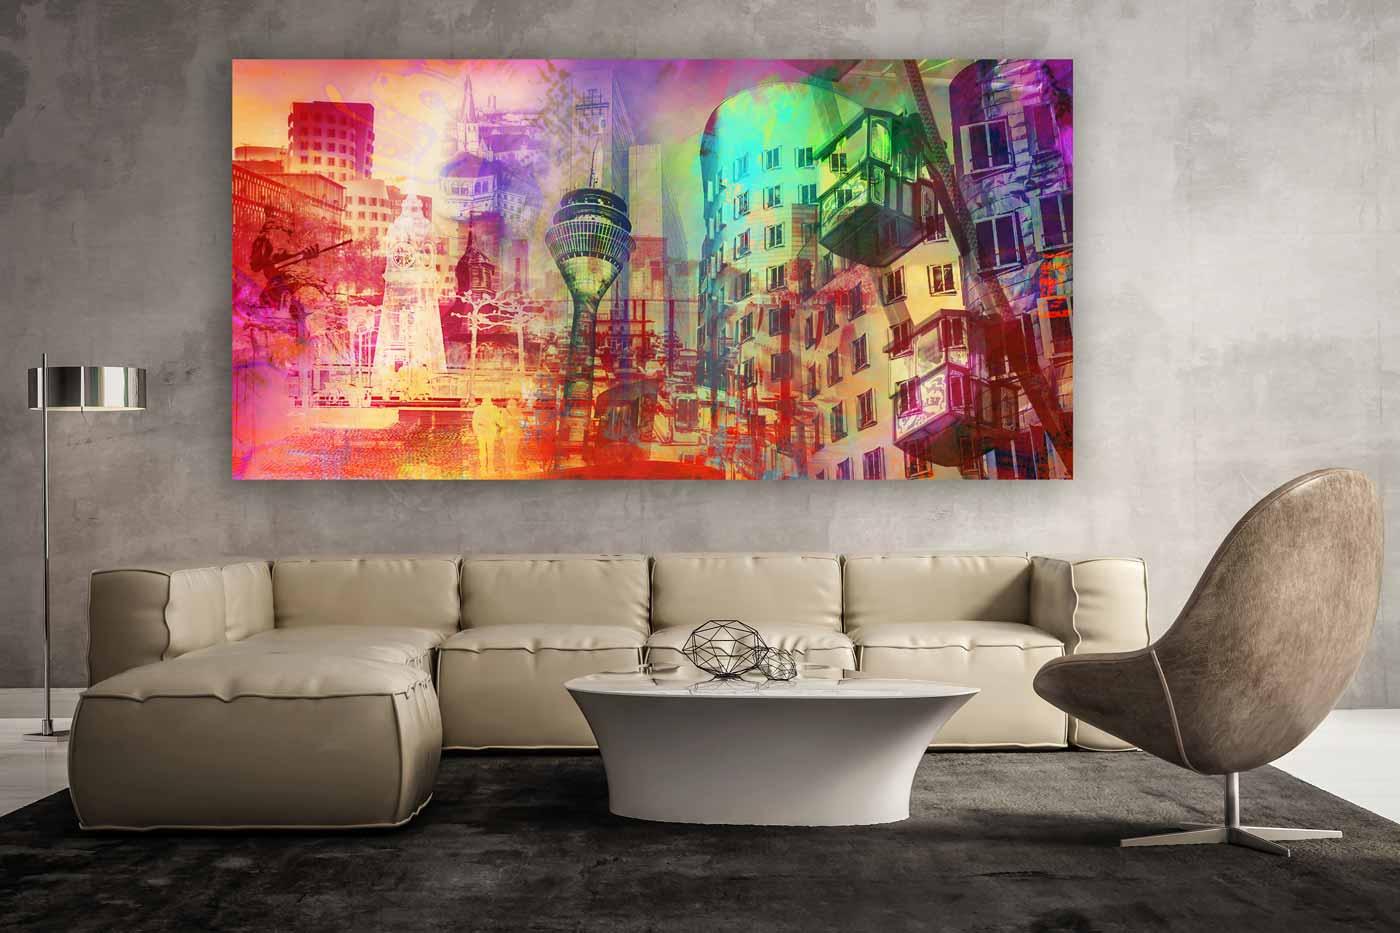 kunst bilder aus d sseldorf als modernes panorama pop art kunst motiv. Black Bedroom Furniture Sets. Home Design Ideas